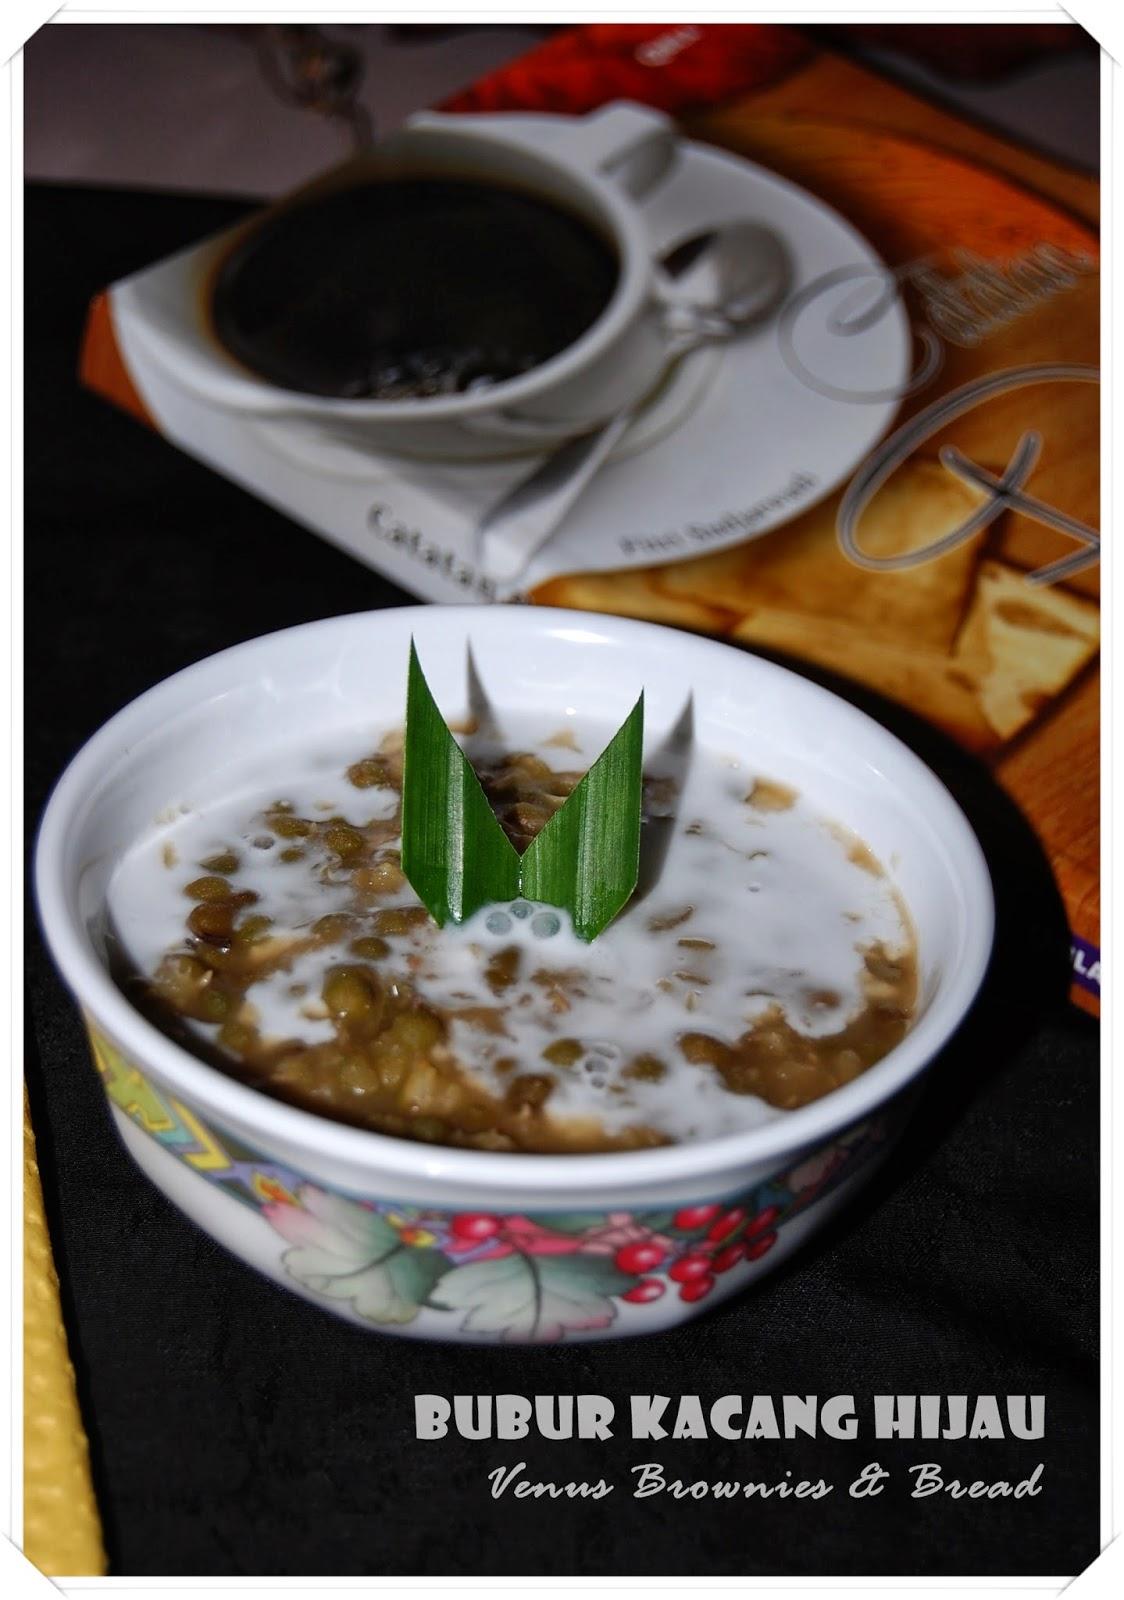 Venus Brownies & Bread: Bubur Kacang Hijau